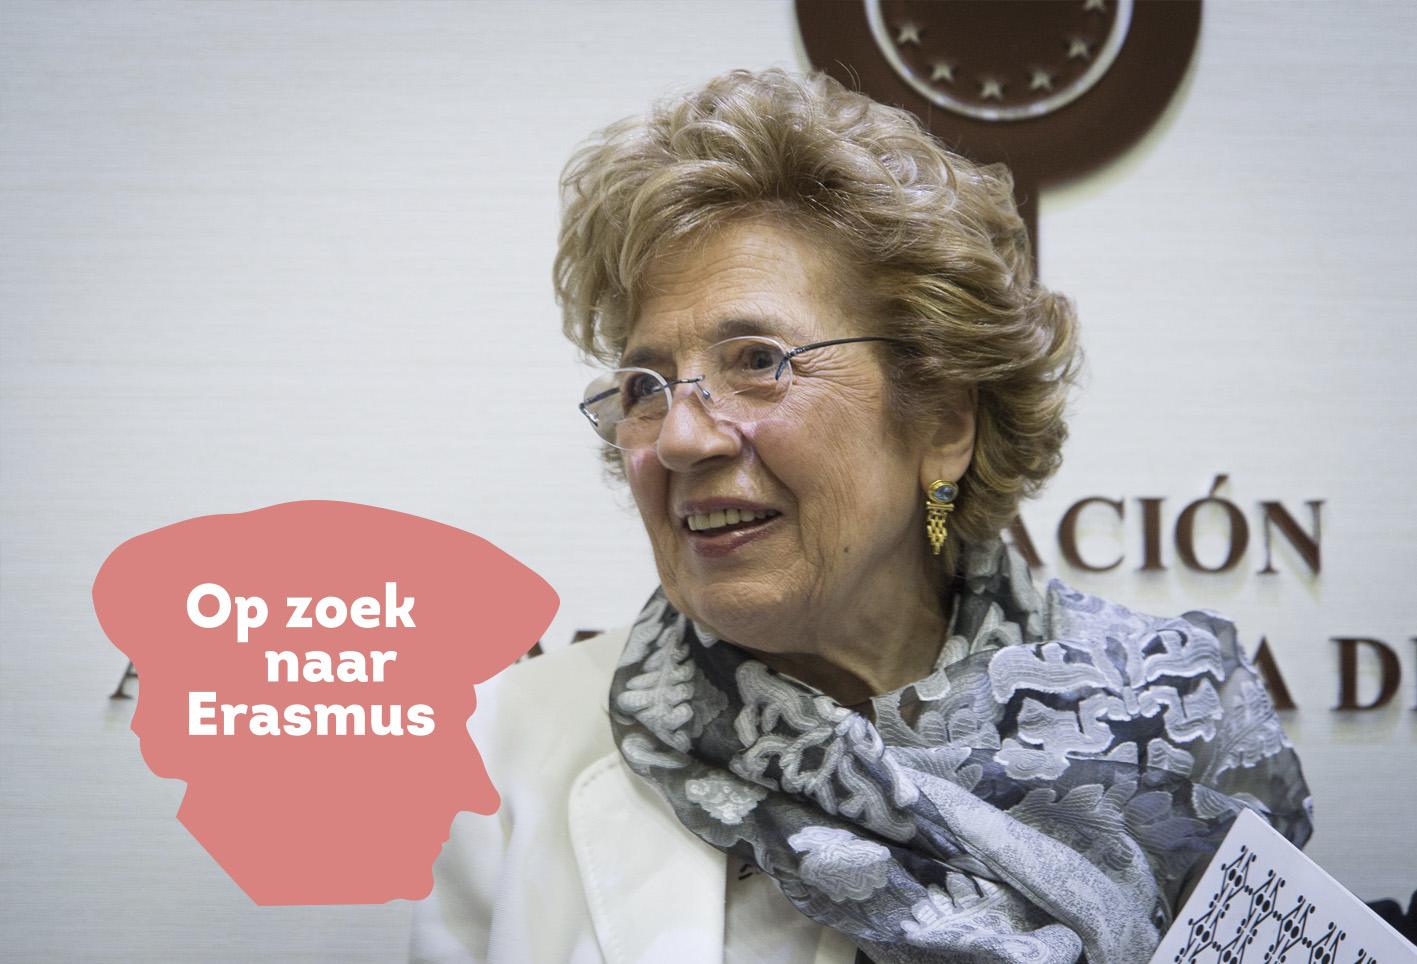 EM_Erasmus Mamma Erasmus Sofia Corradi